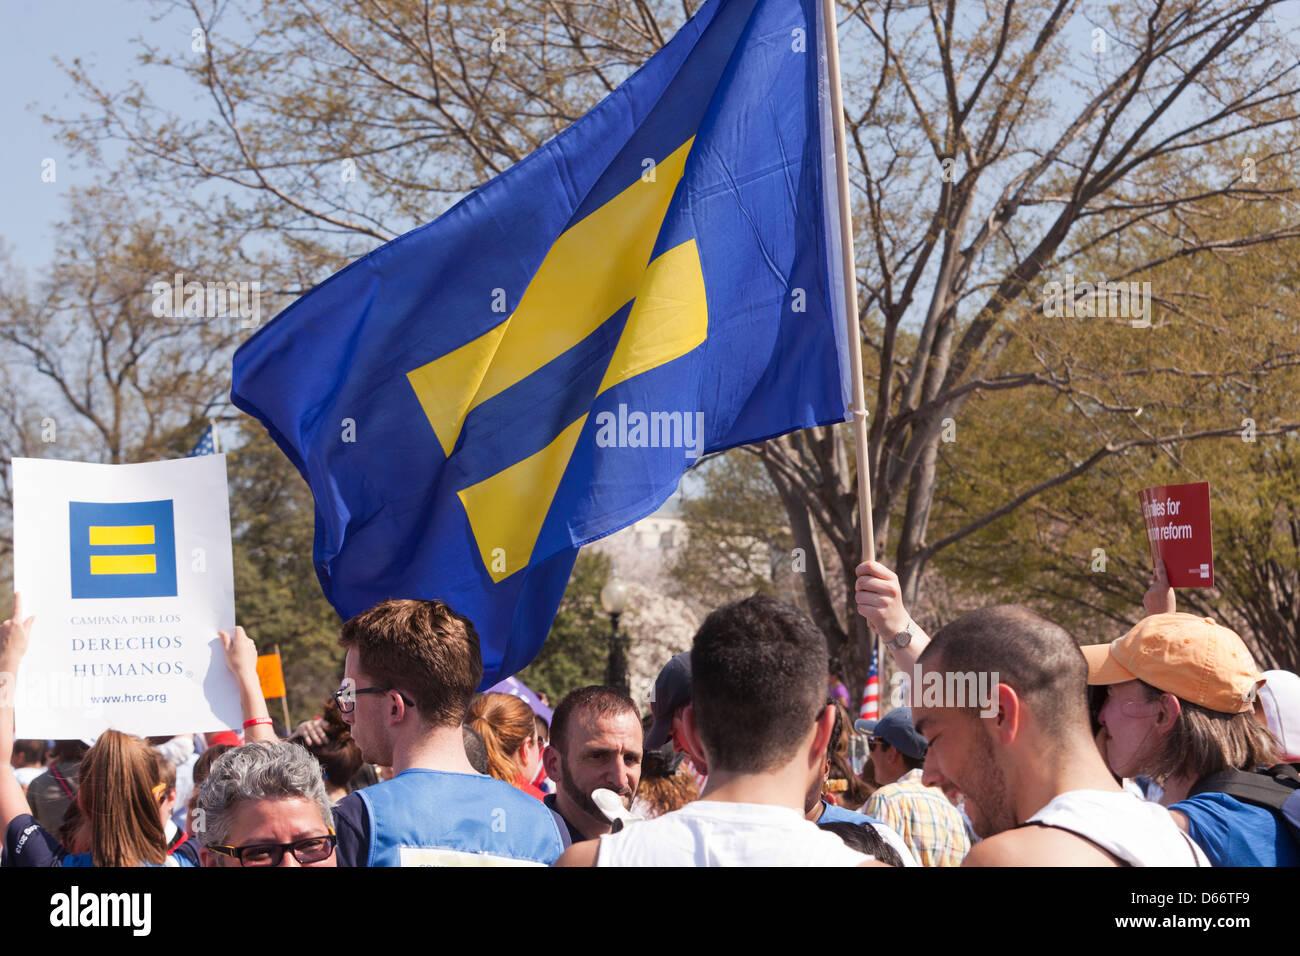 Der Geschlechter Symbol Flagge in Menge Stockbild